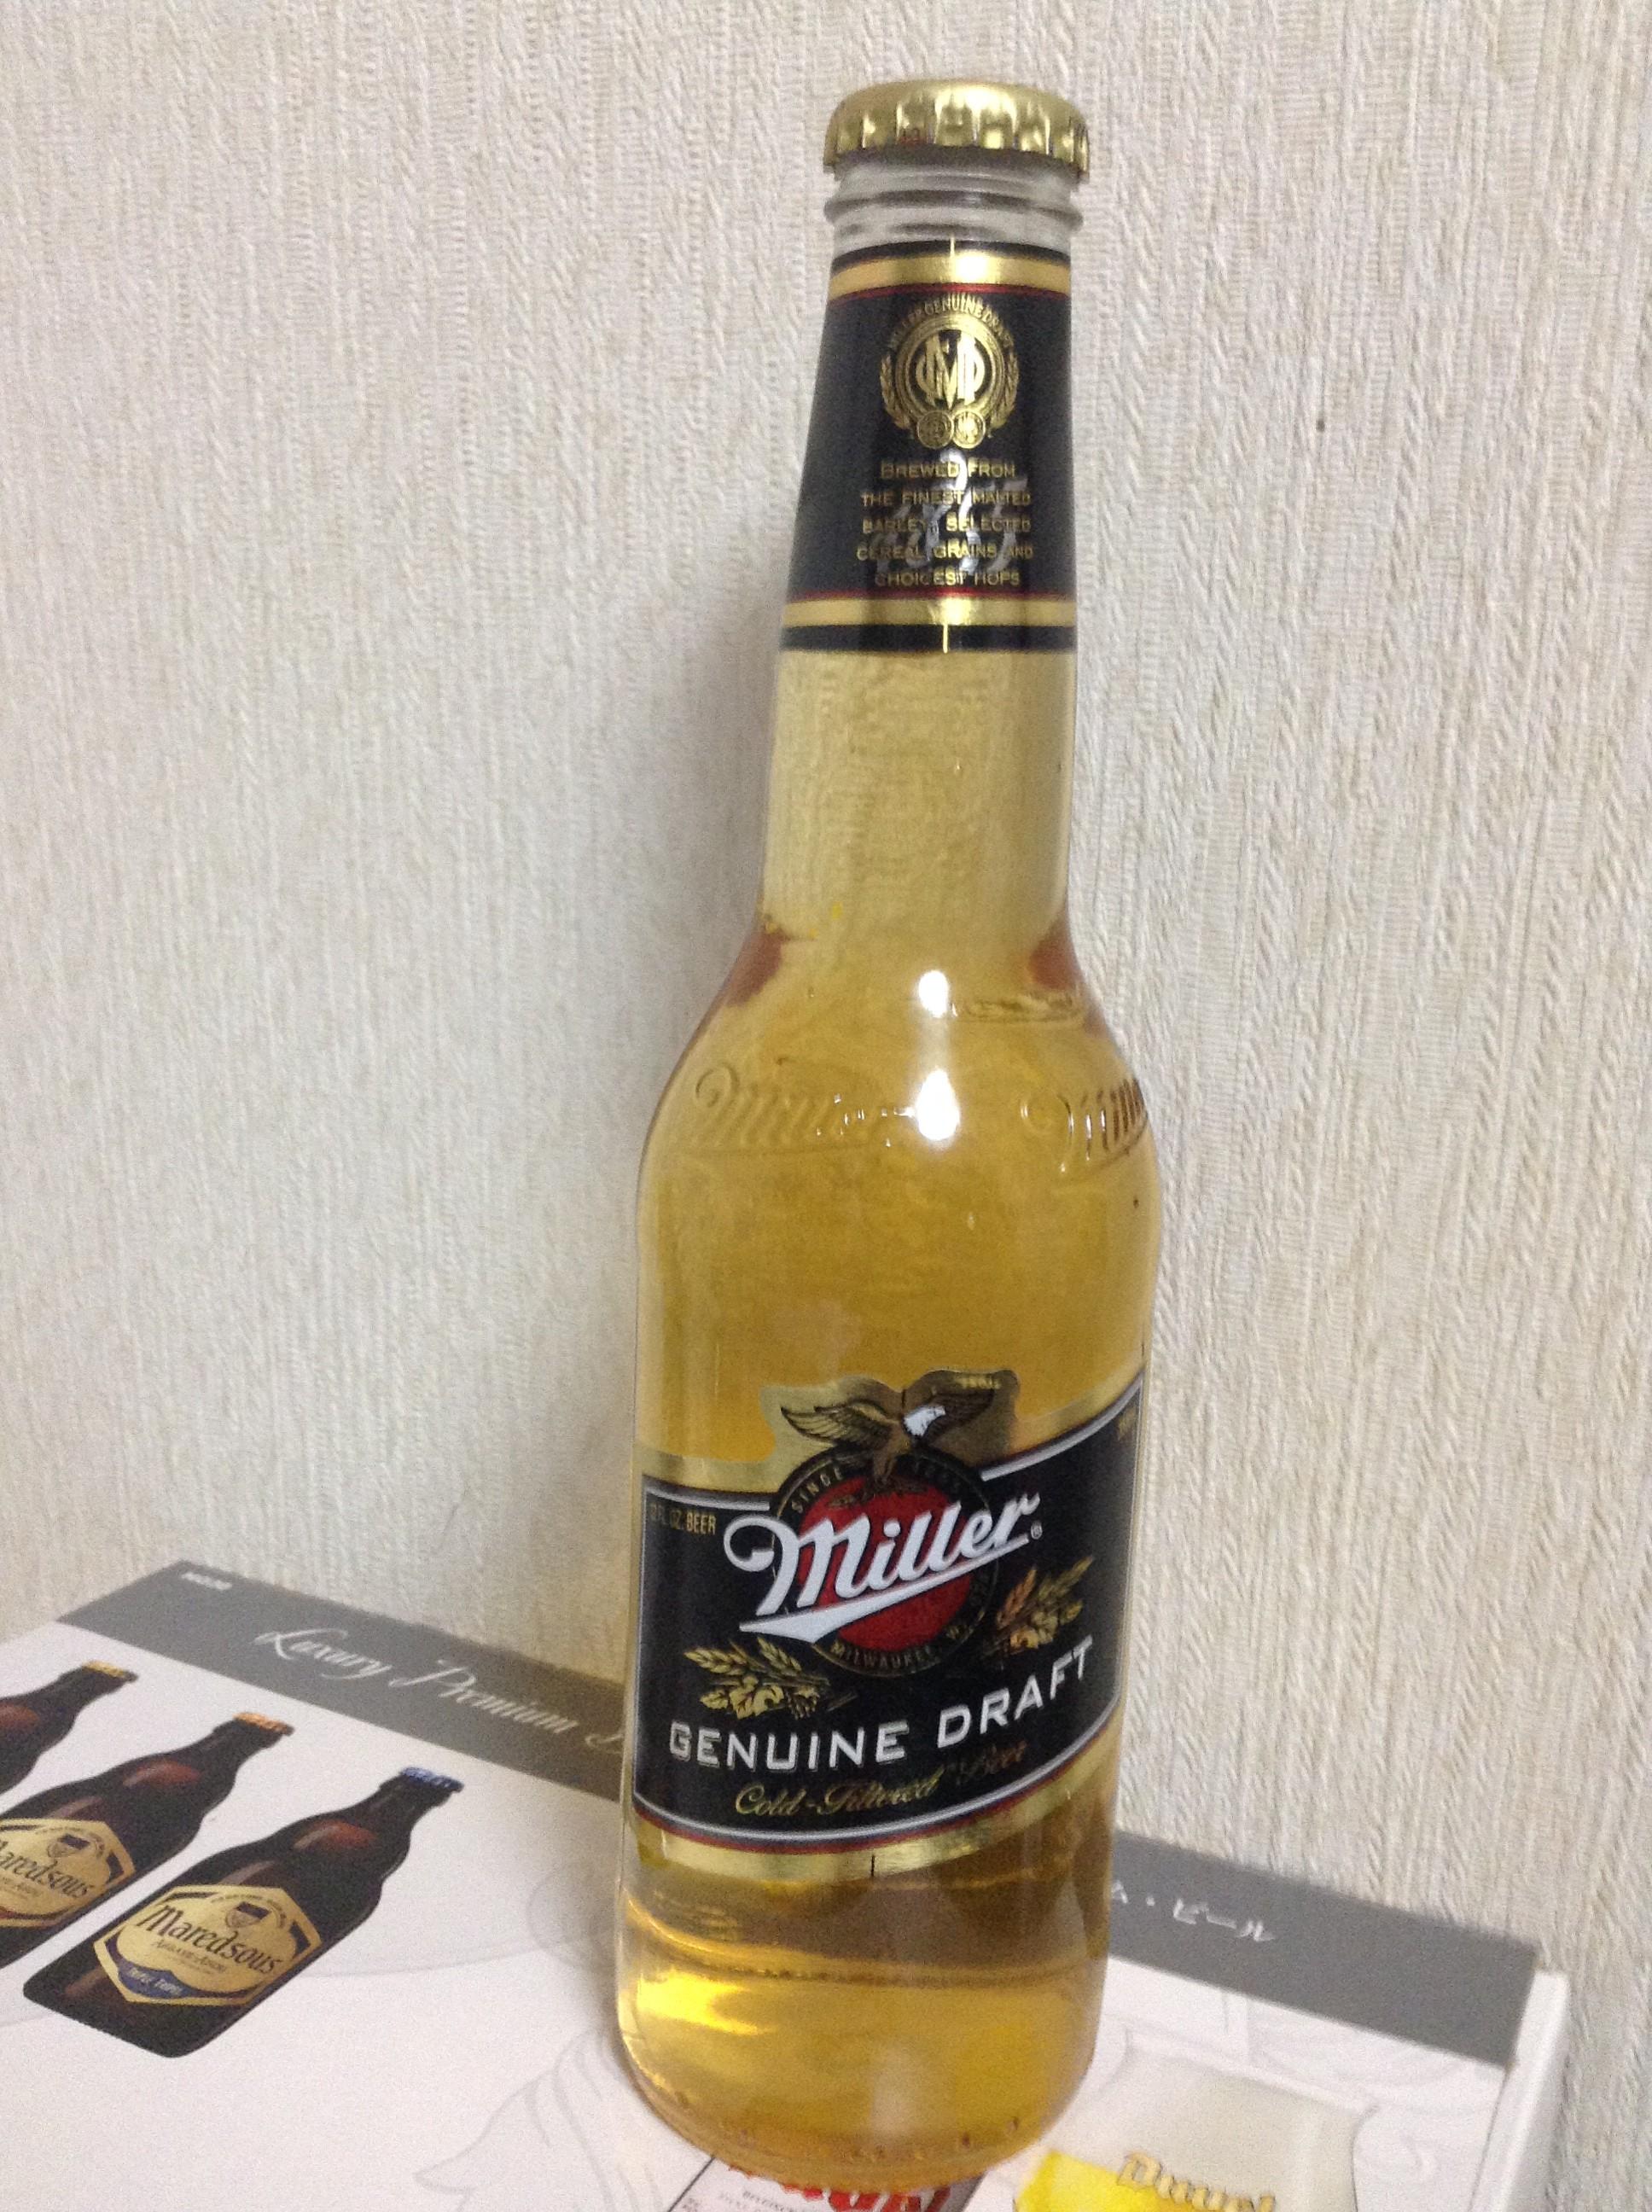 瓶のミラー・ドラフト